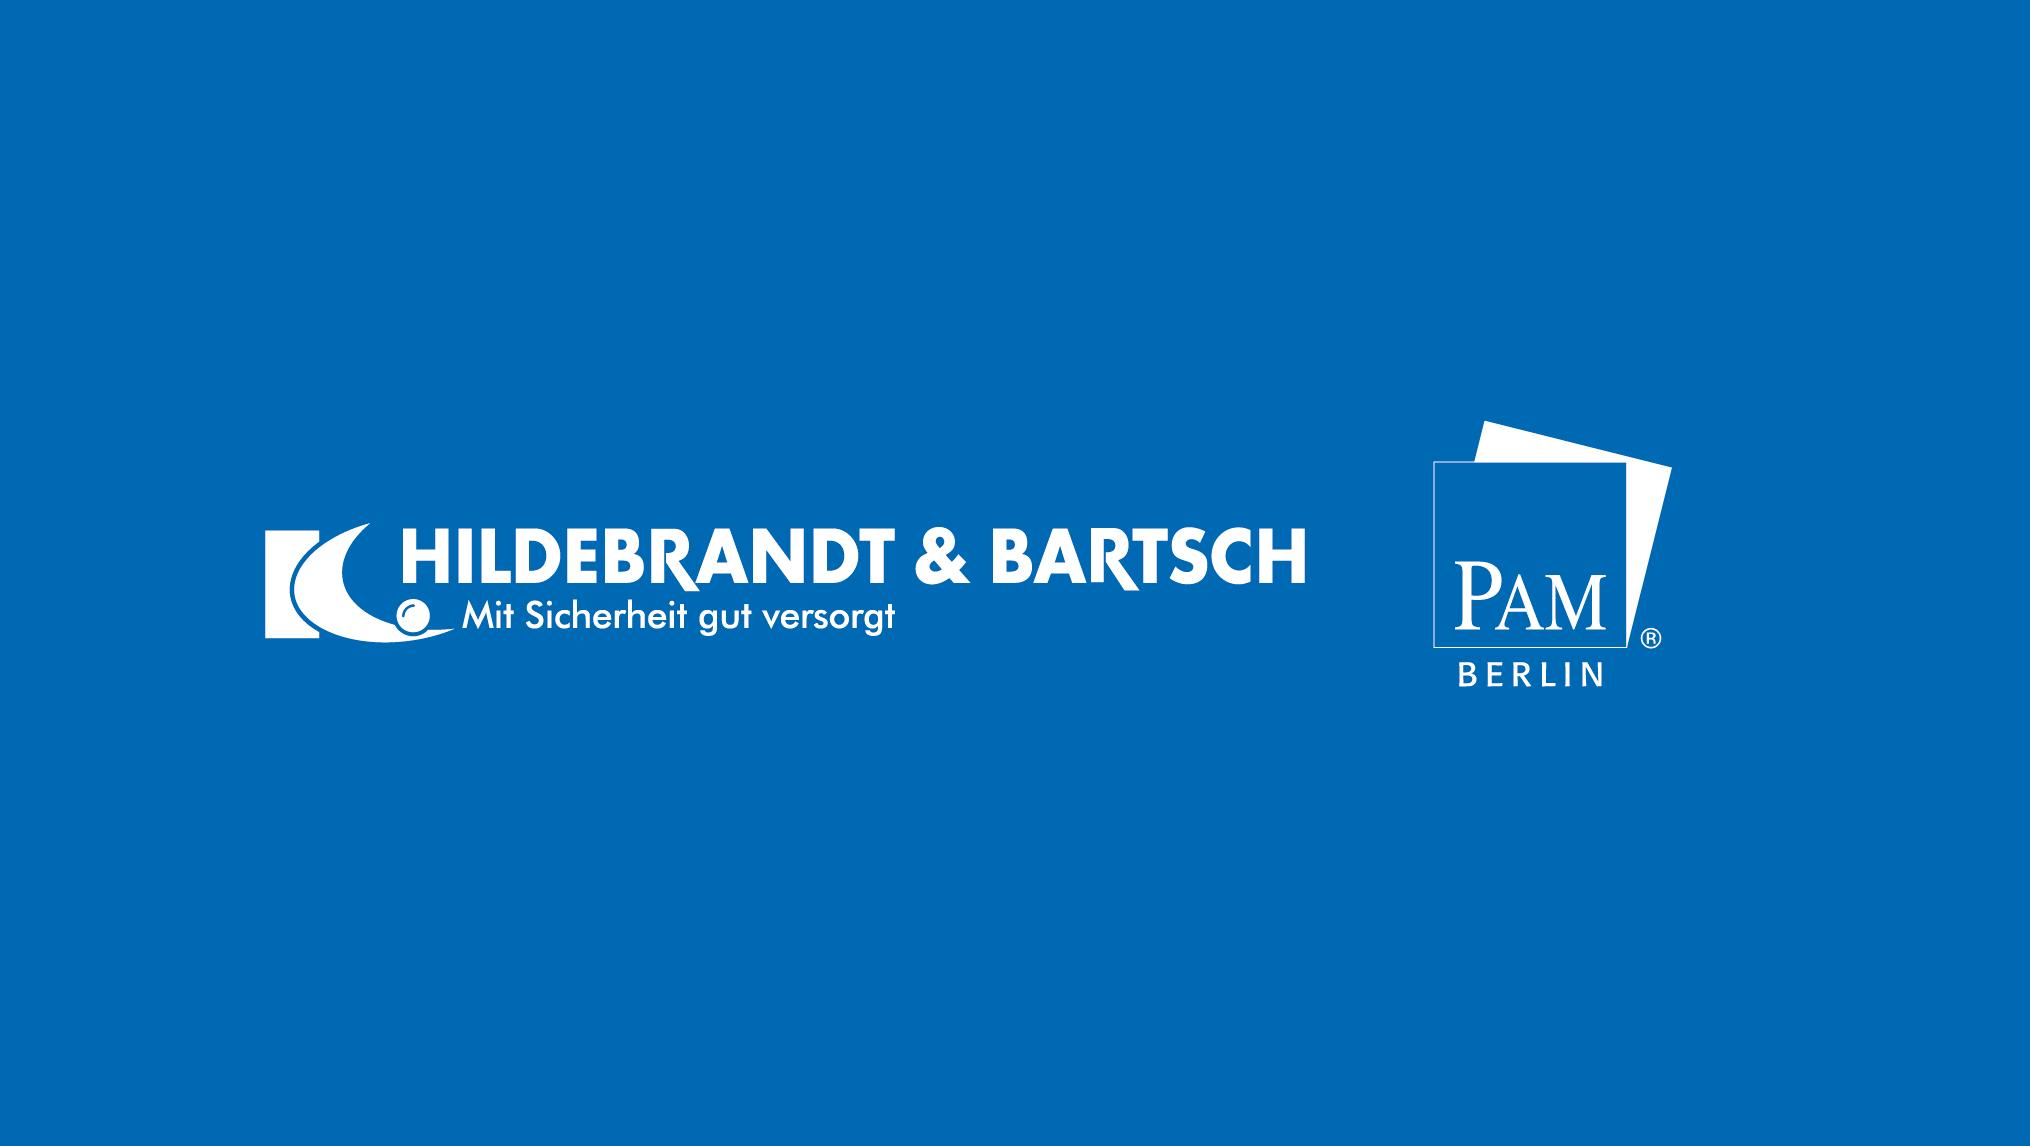 Kauf der Firma Pam Berlin